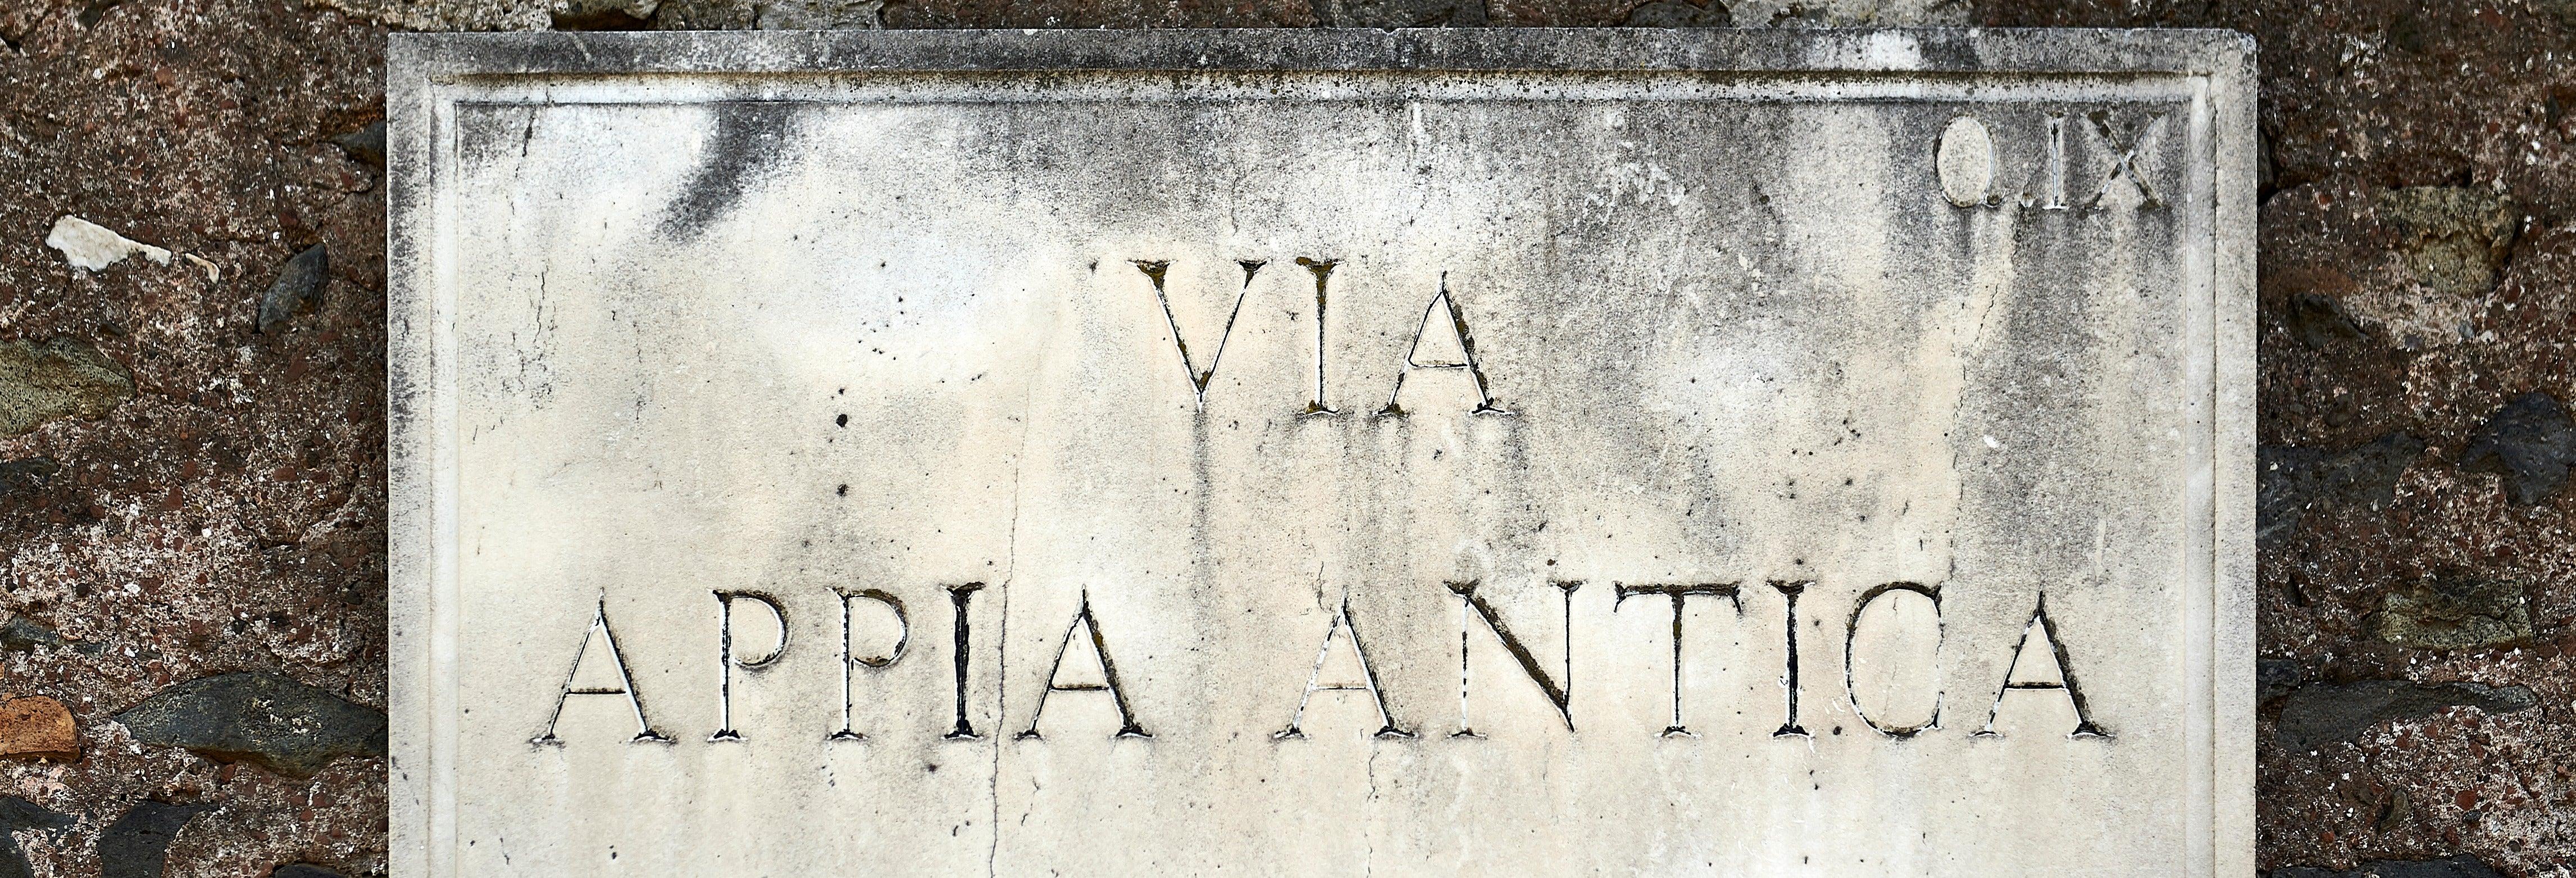 Rome Catacombs Tour & Appian Way